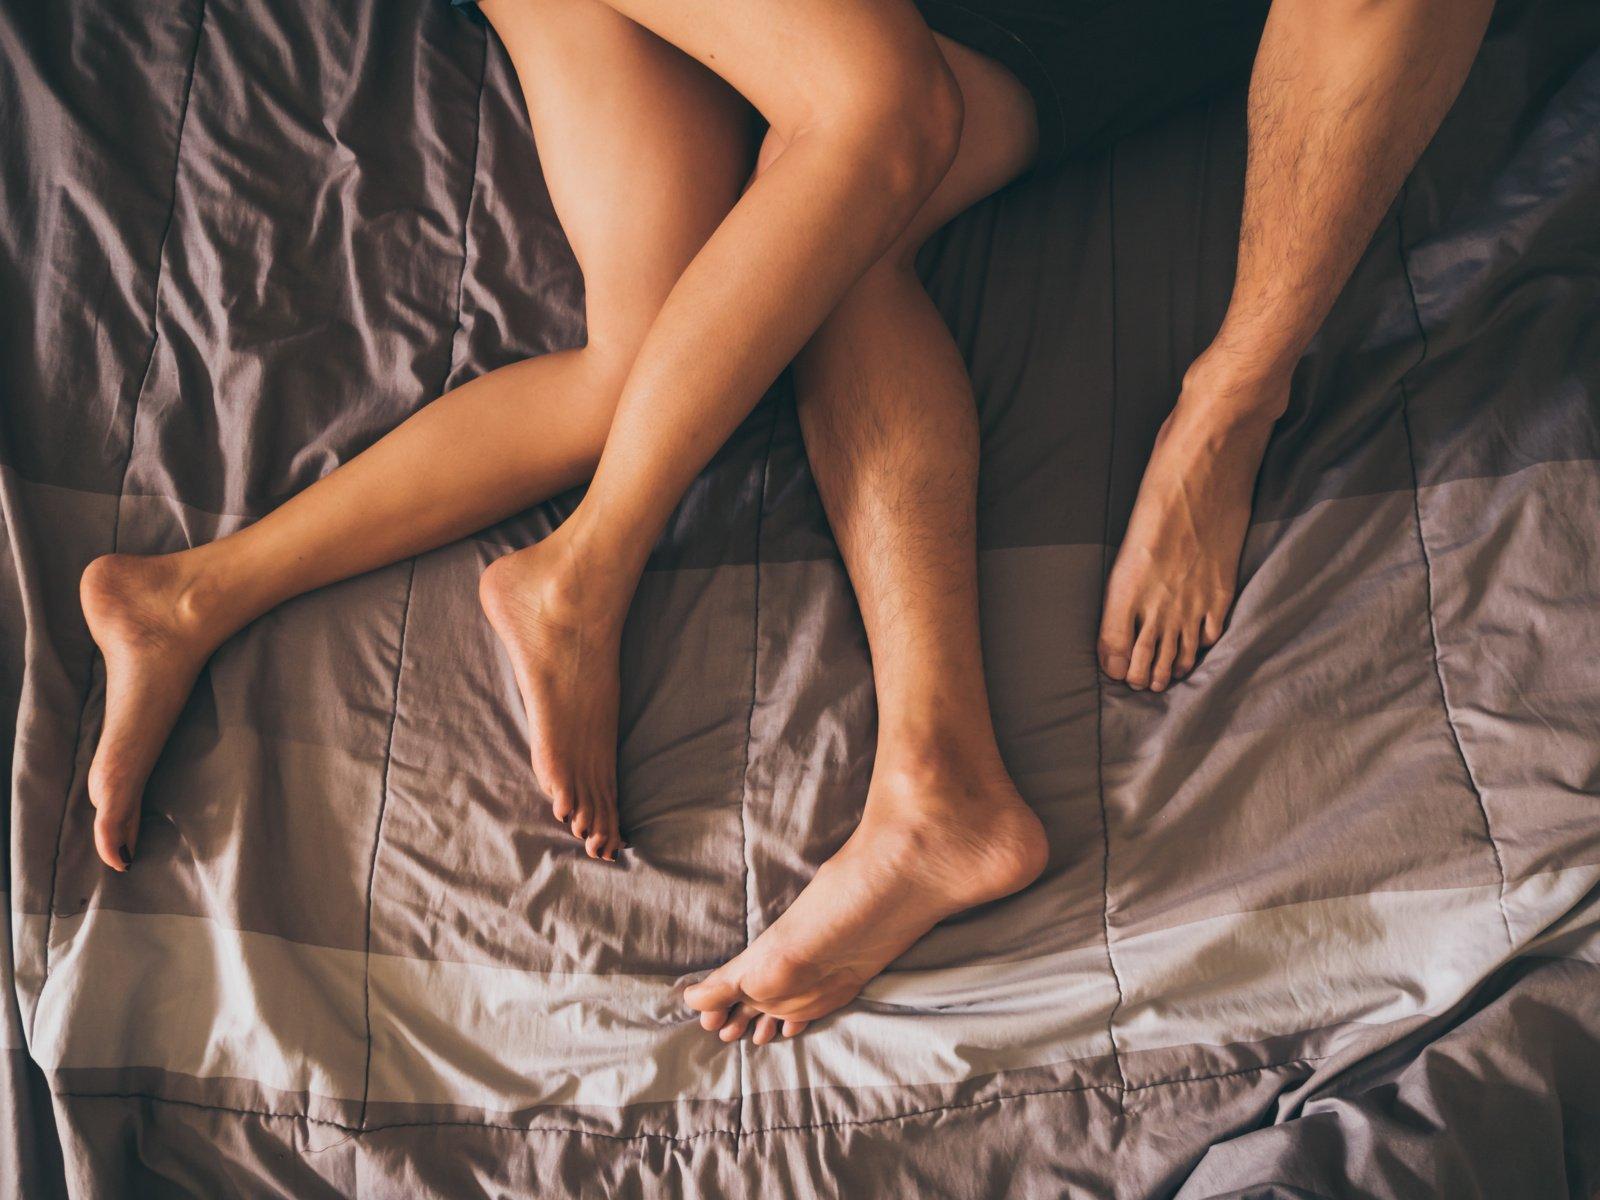 Intymu: dėl kokių priežasčių prarandate norą mylėtis?